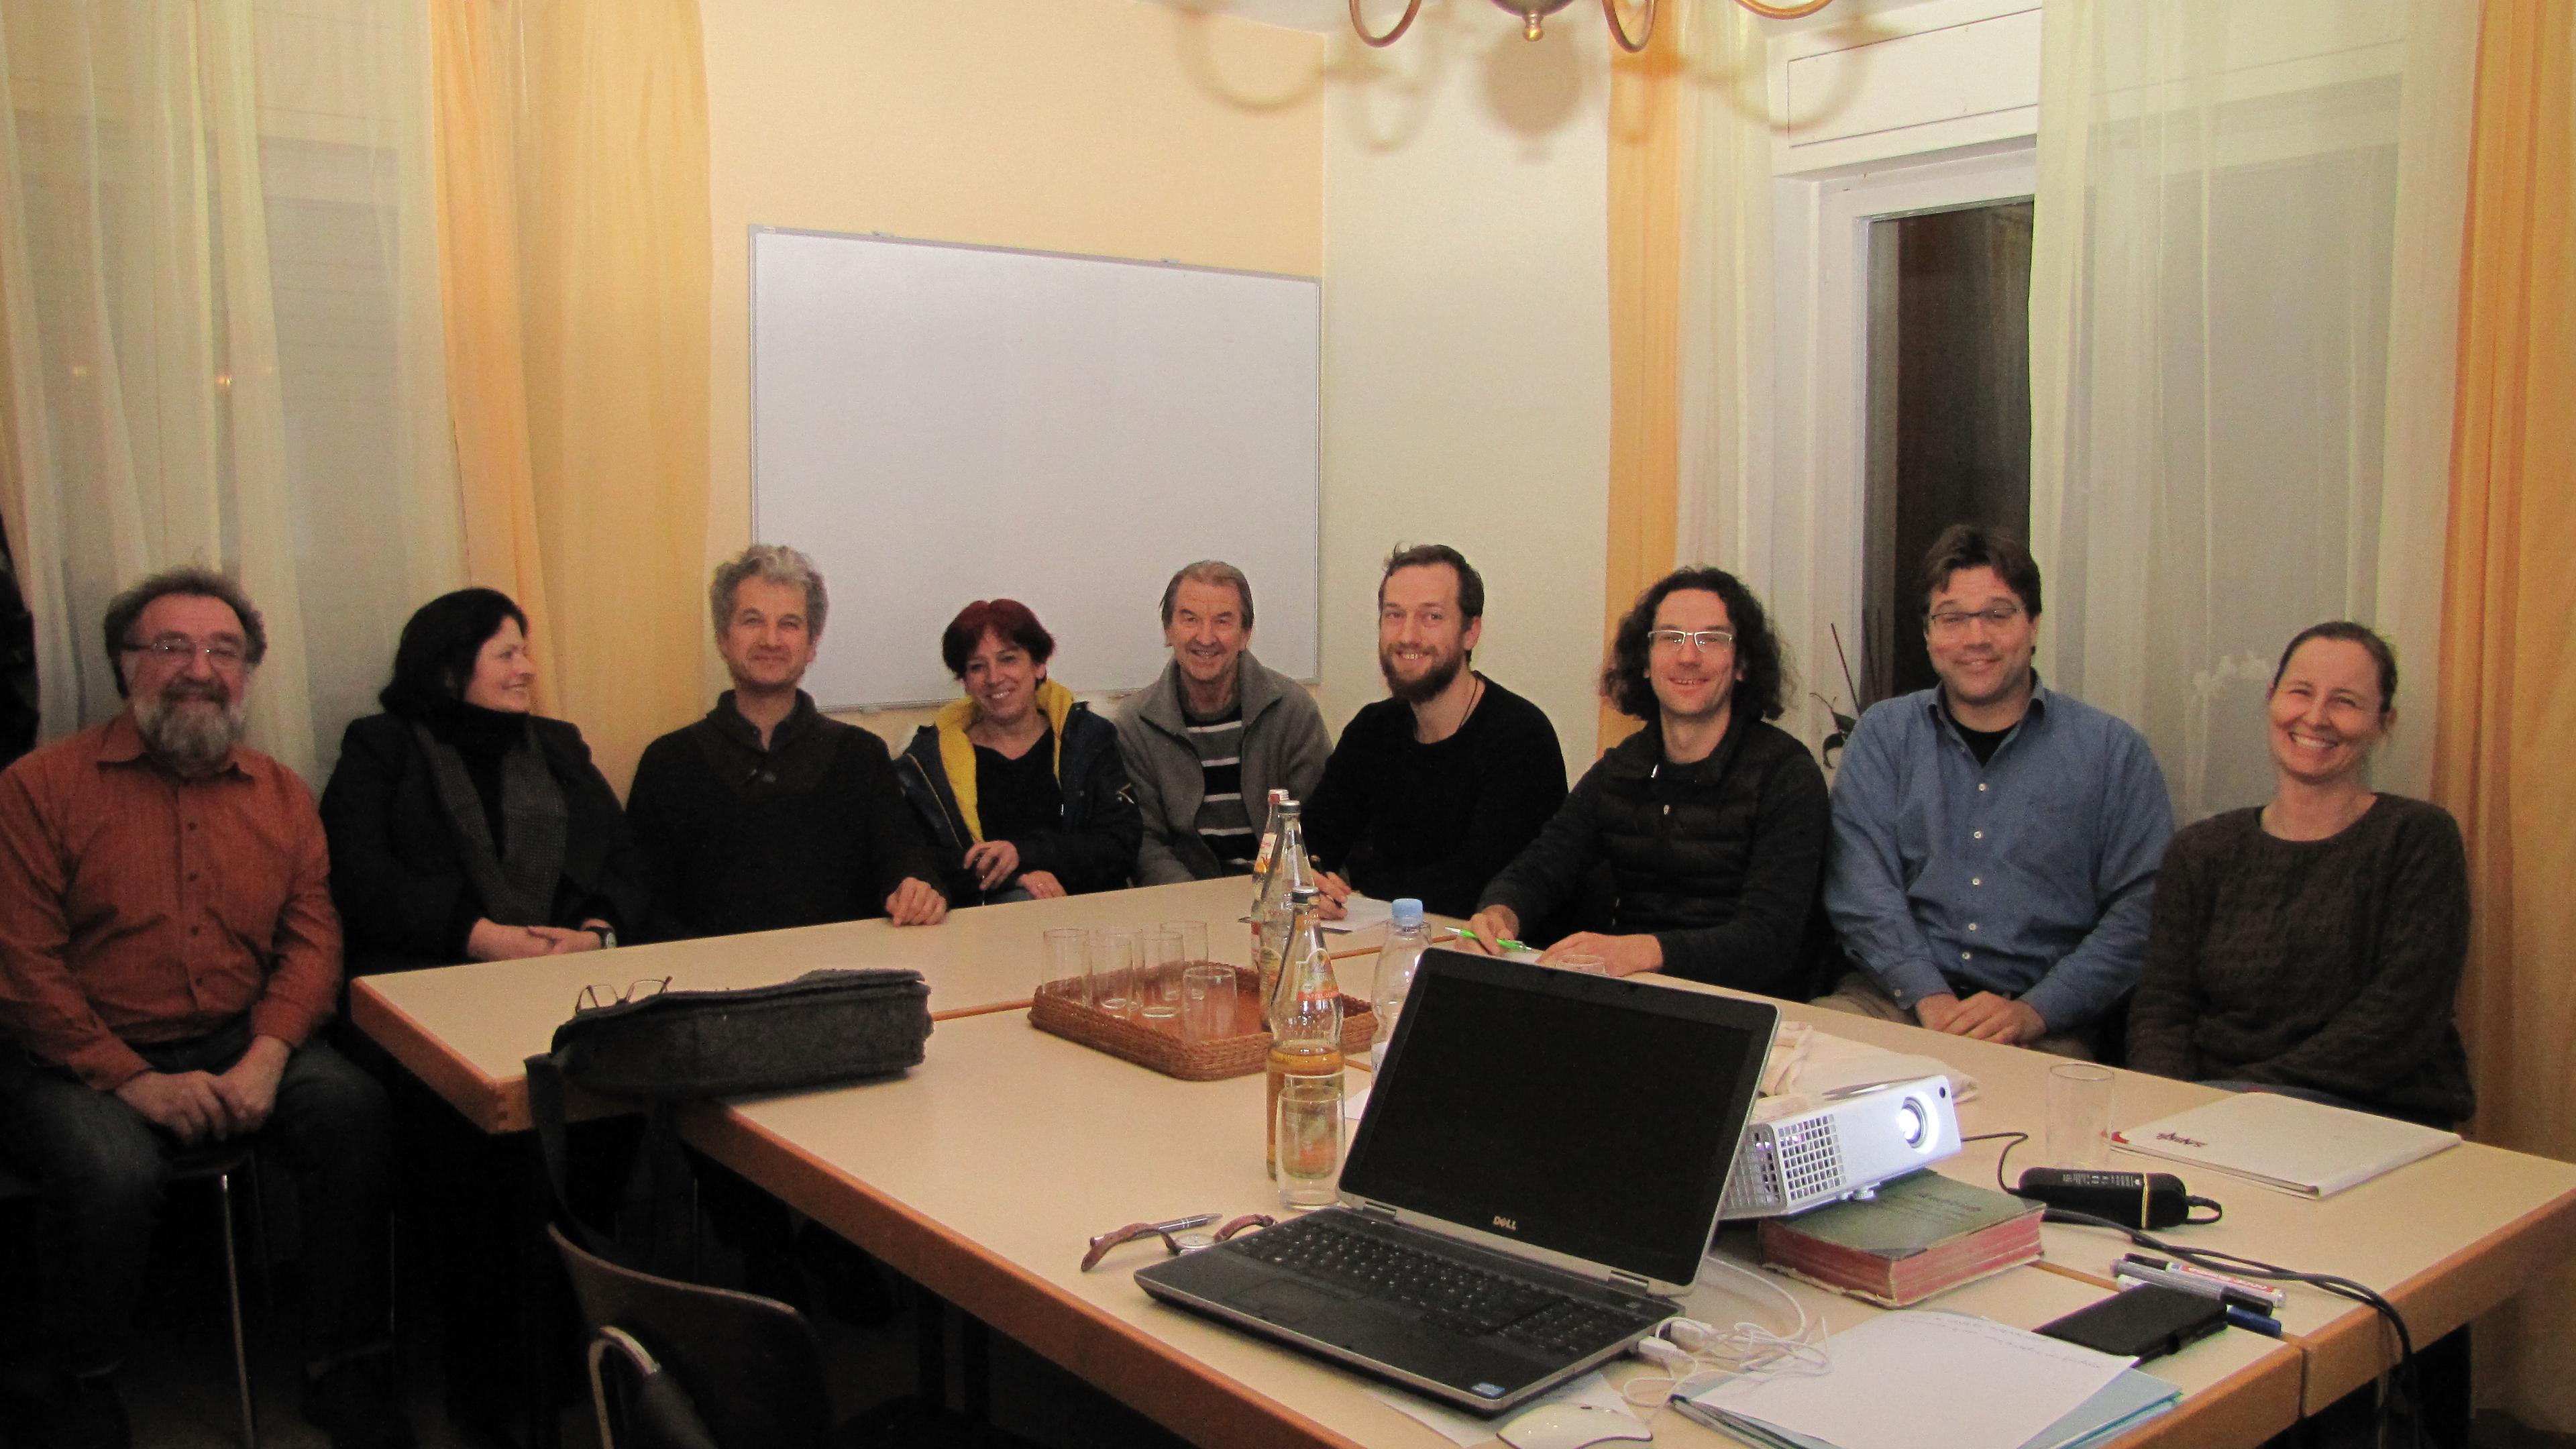 Die Anwesenden Grünen nach der Diskussion um das Wahlprogramm für die Kommunalwahl 2019